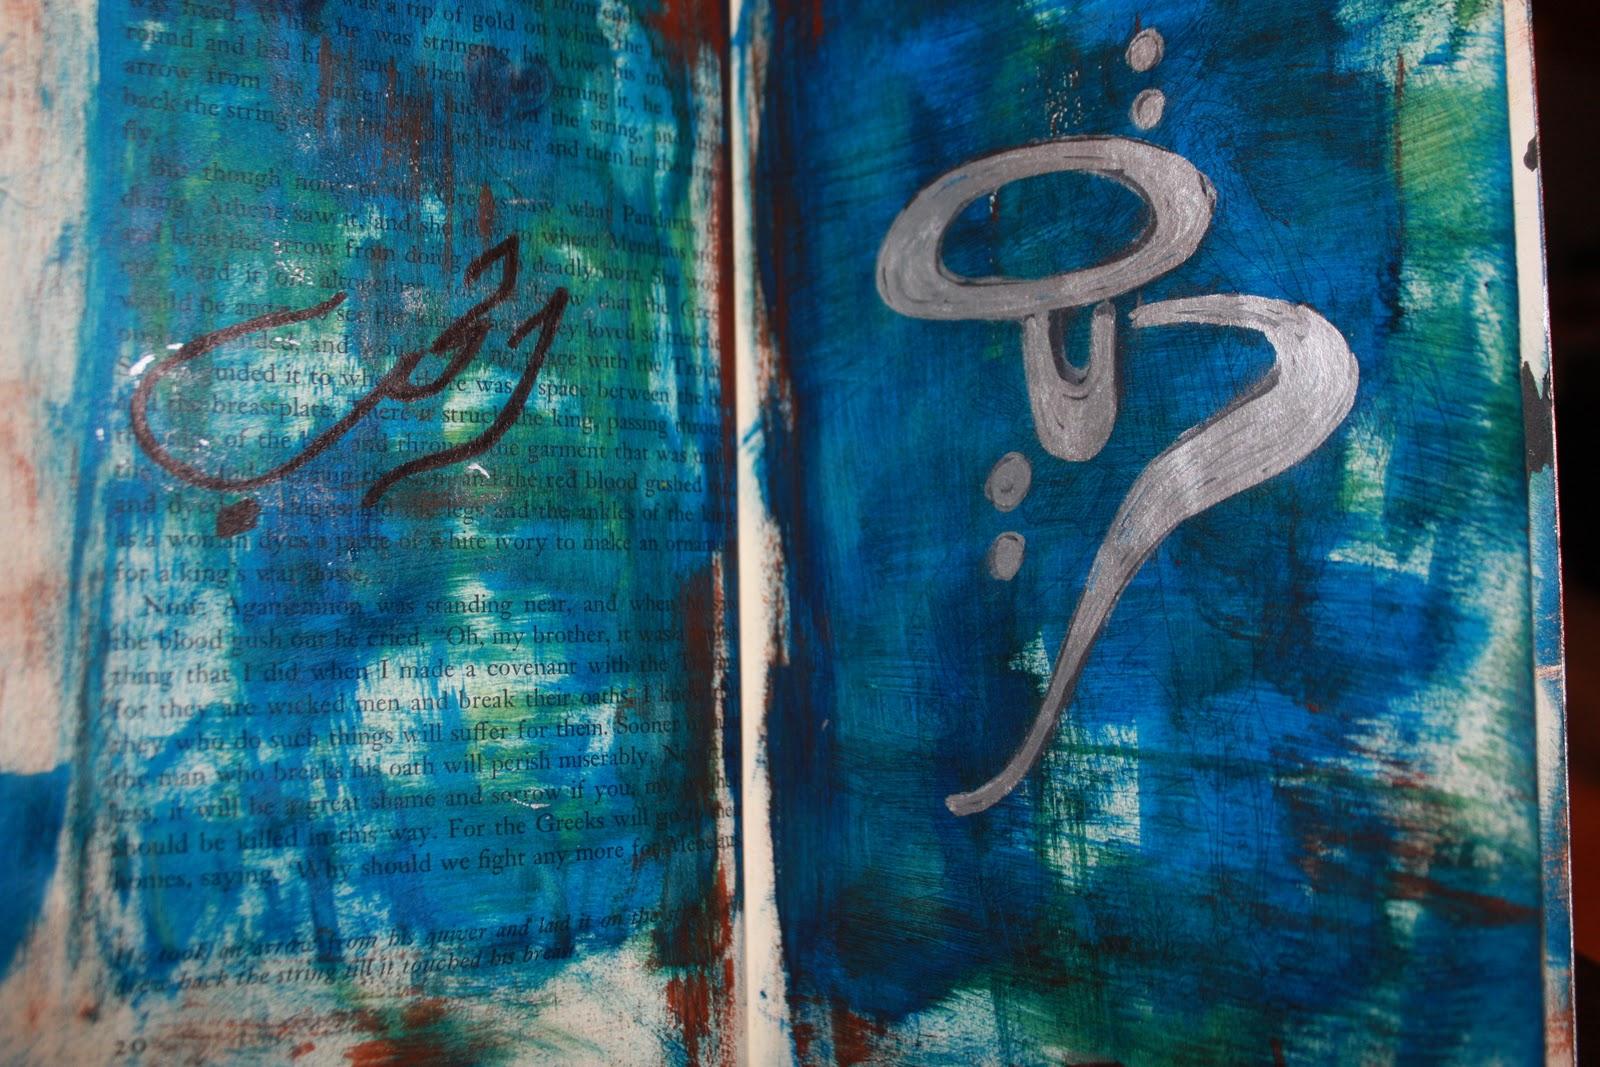 Rambling silently arabic calligraphy